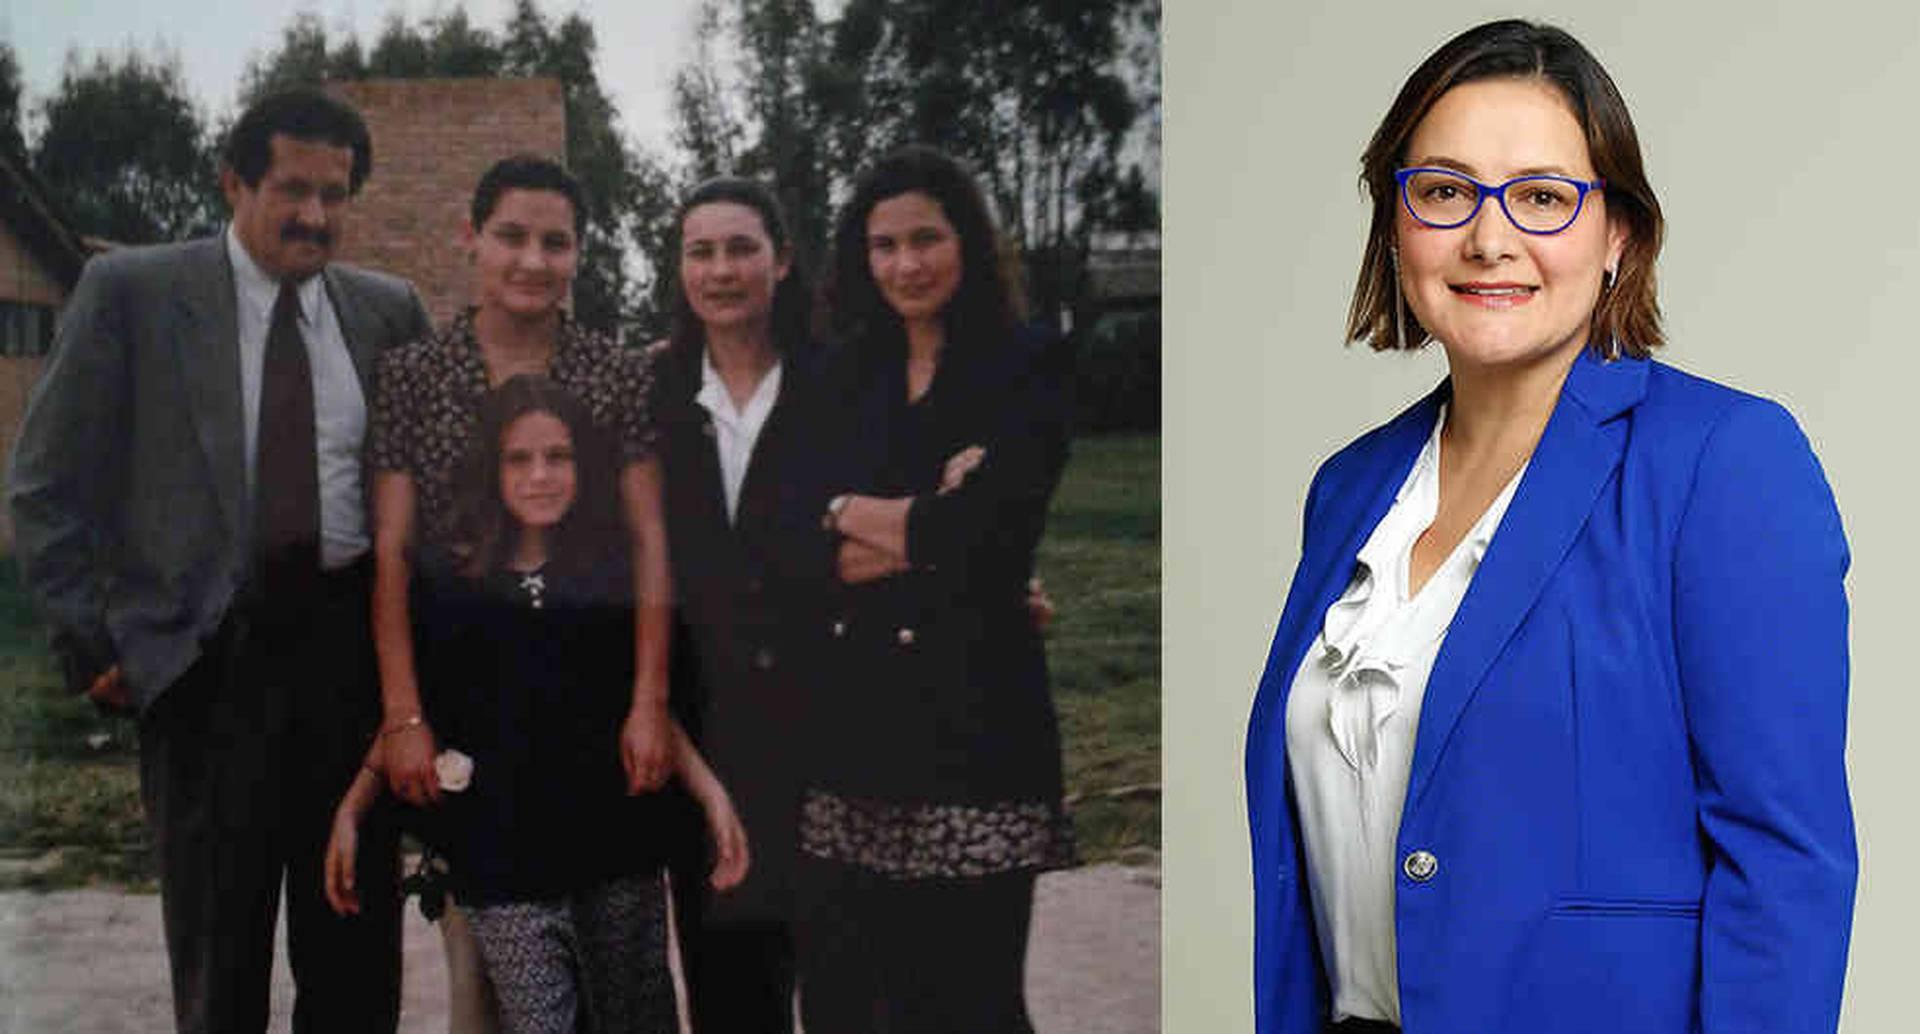 Jenny Garzón Caicedo (a la derecha) con Ángela, su hermana menor, su mamá y Angelino Garzón, su padre. Fue asesinada aparentemente por su pareja cuando tenía 27 años.